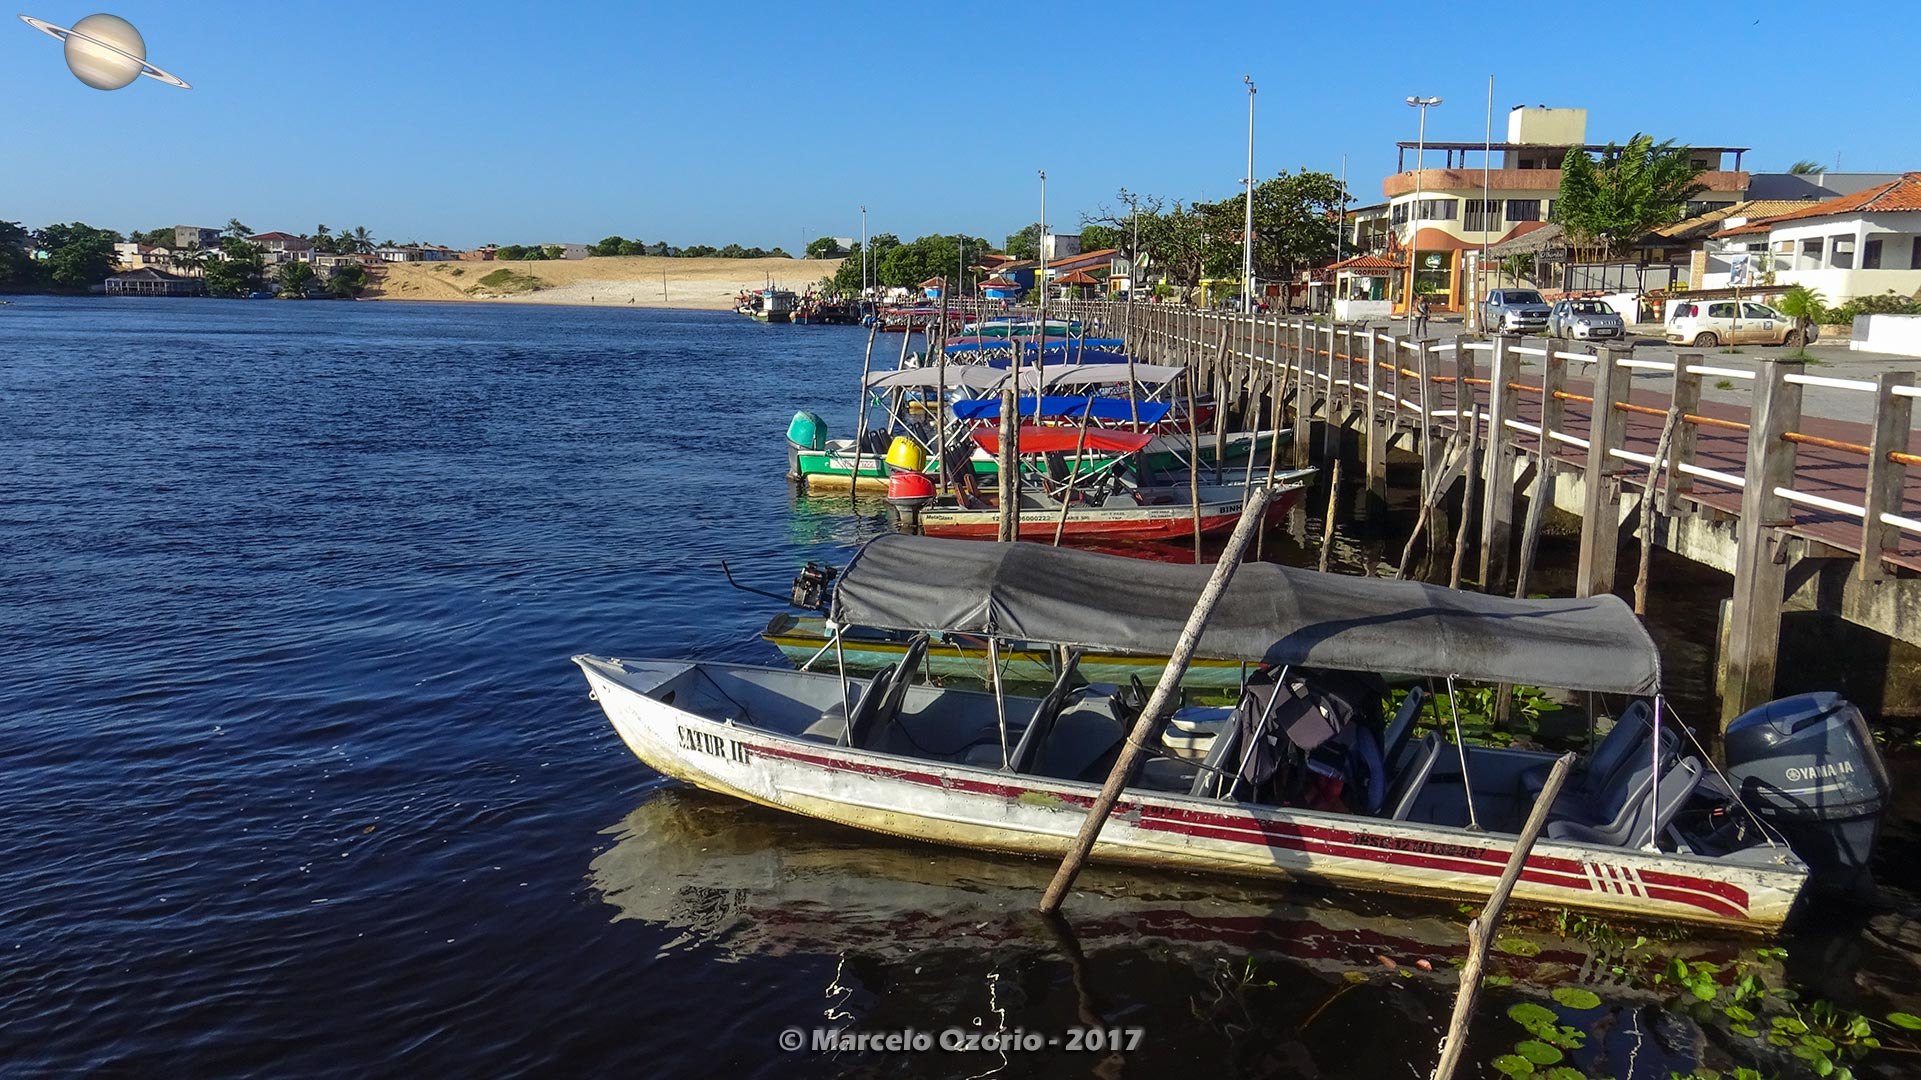 barreirinhas descendo rio preguicas atins 3 - De Barreirinhas à Canto do Atins. Trekking nos Lençóis Maranhenses - Brasil